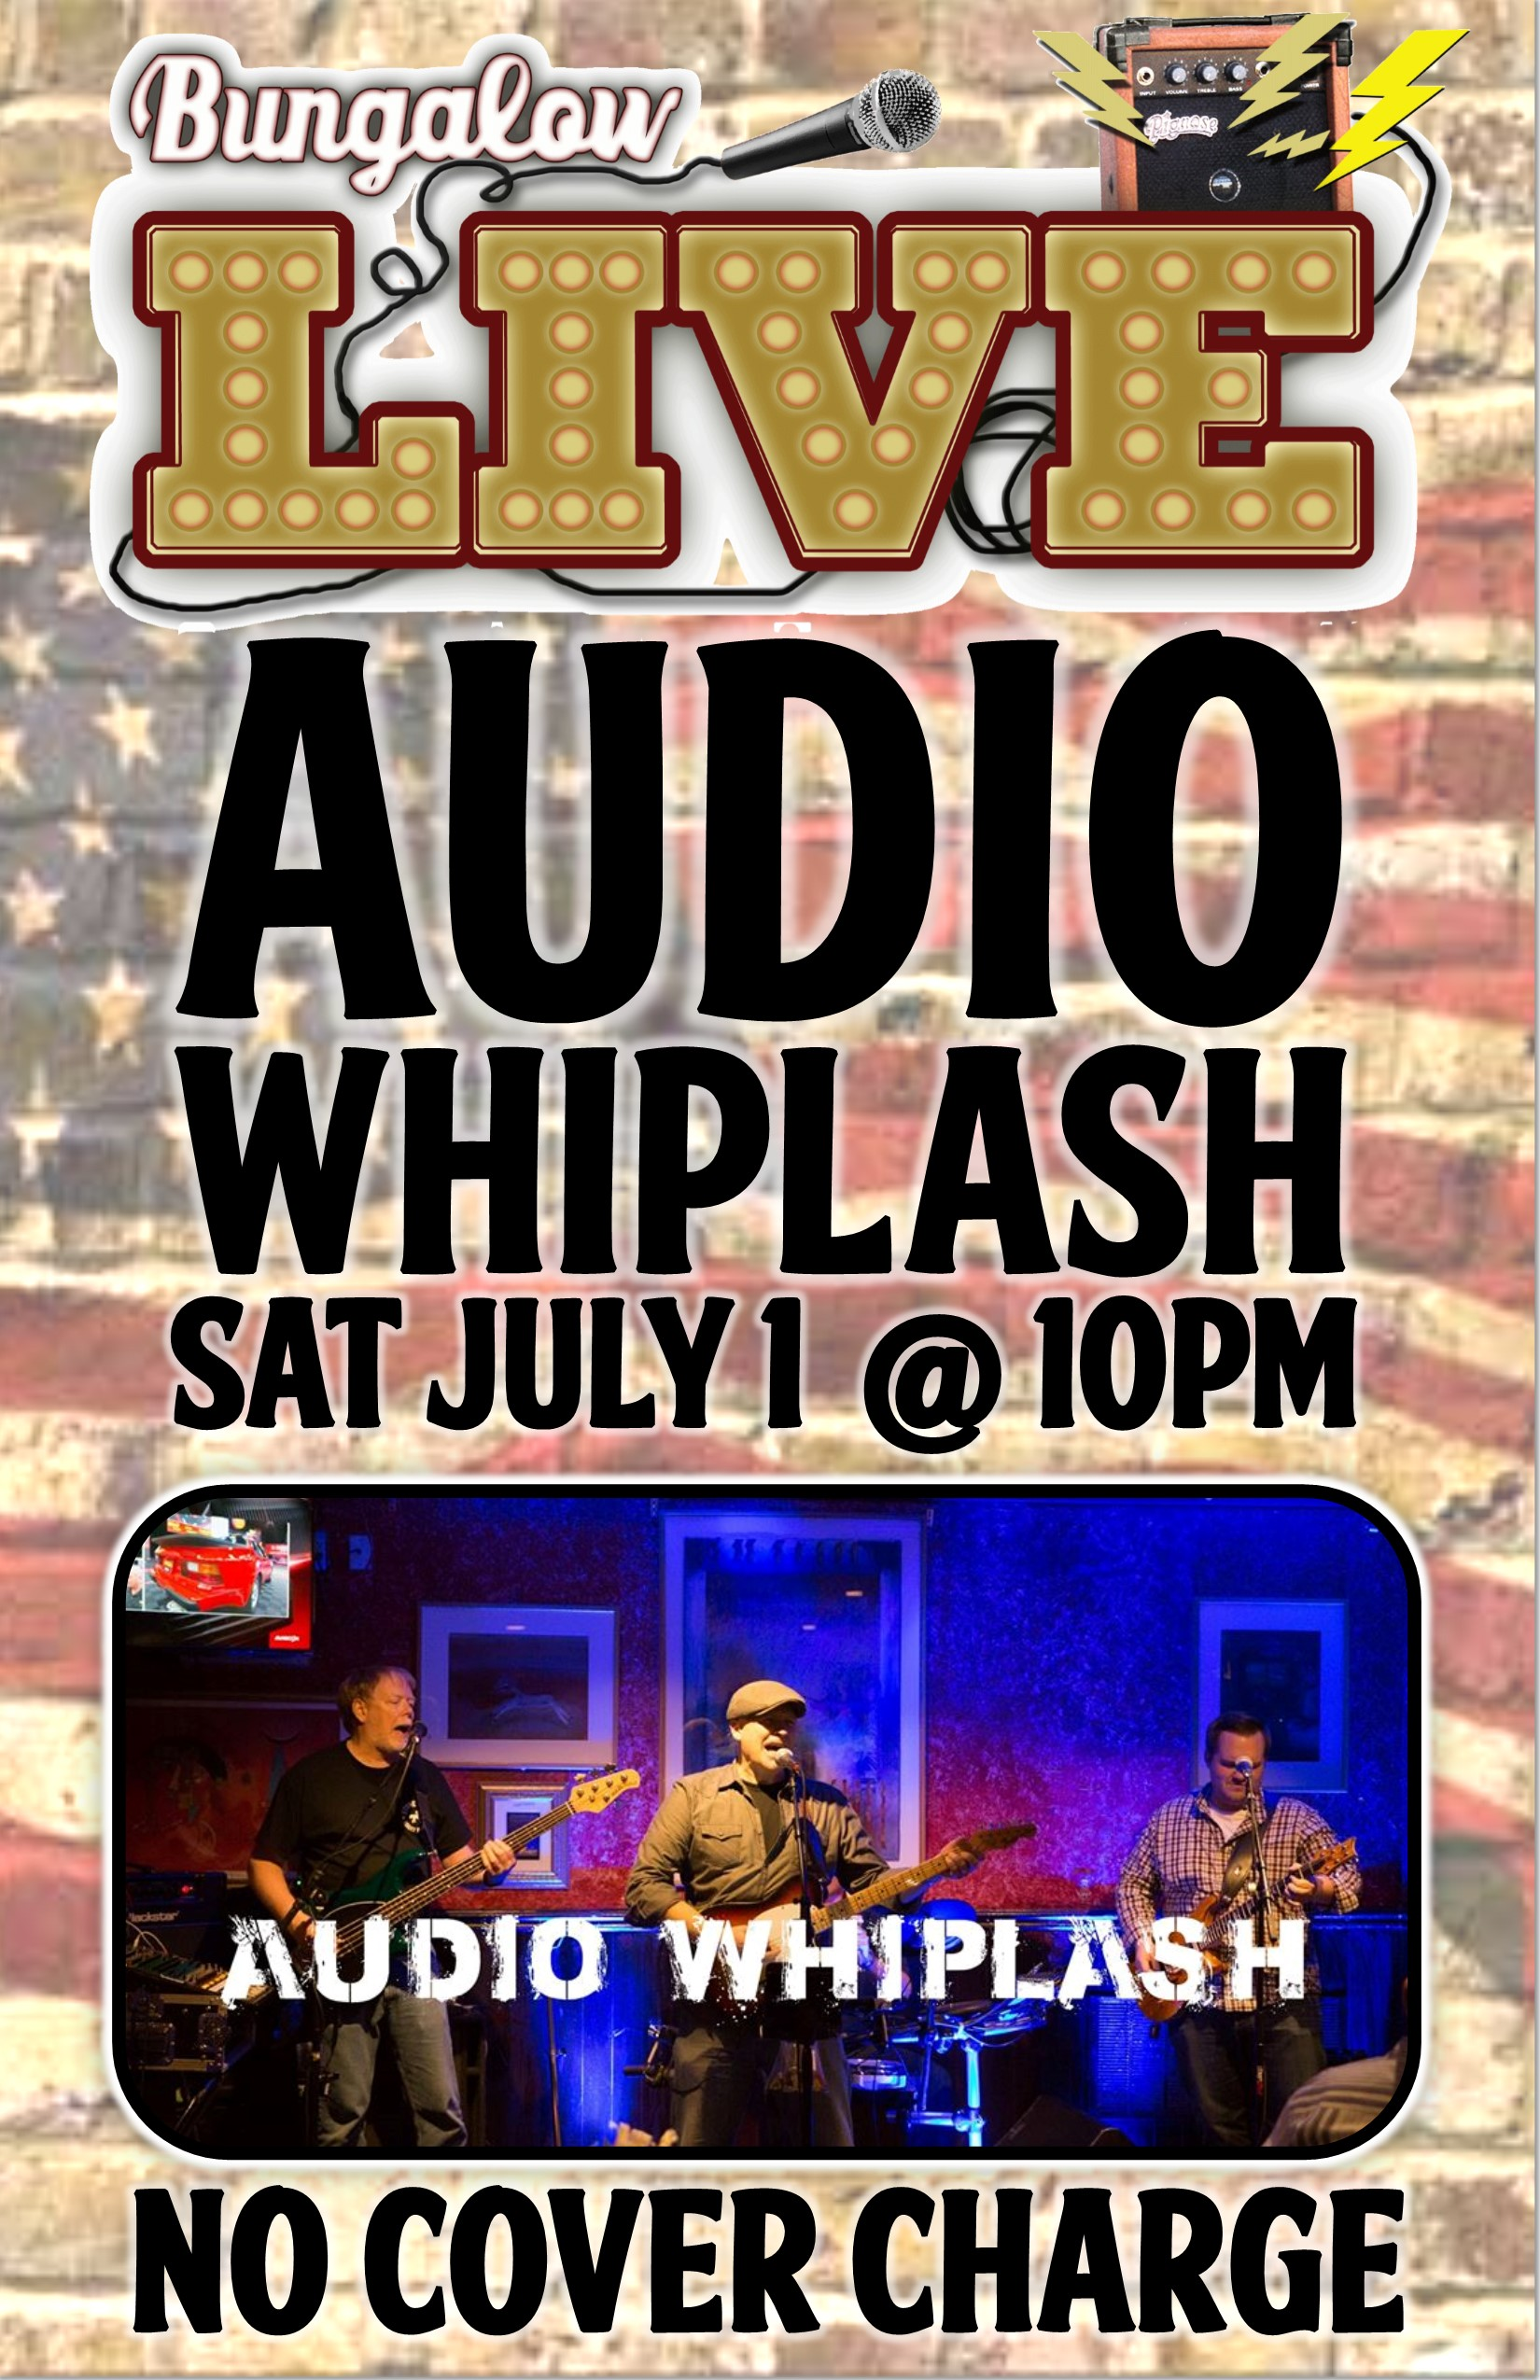 Audio whiplash